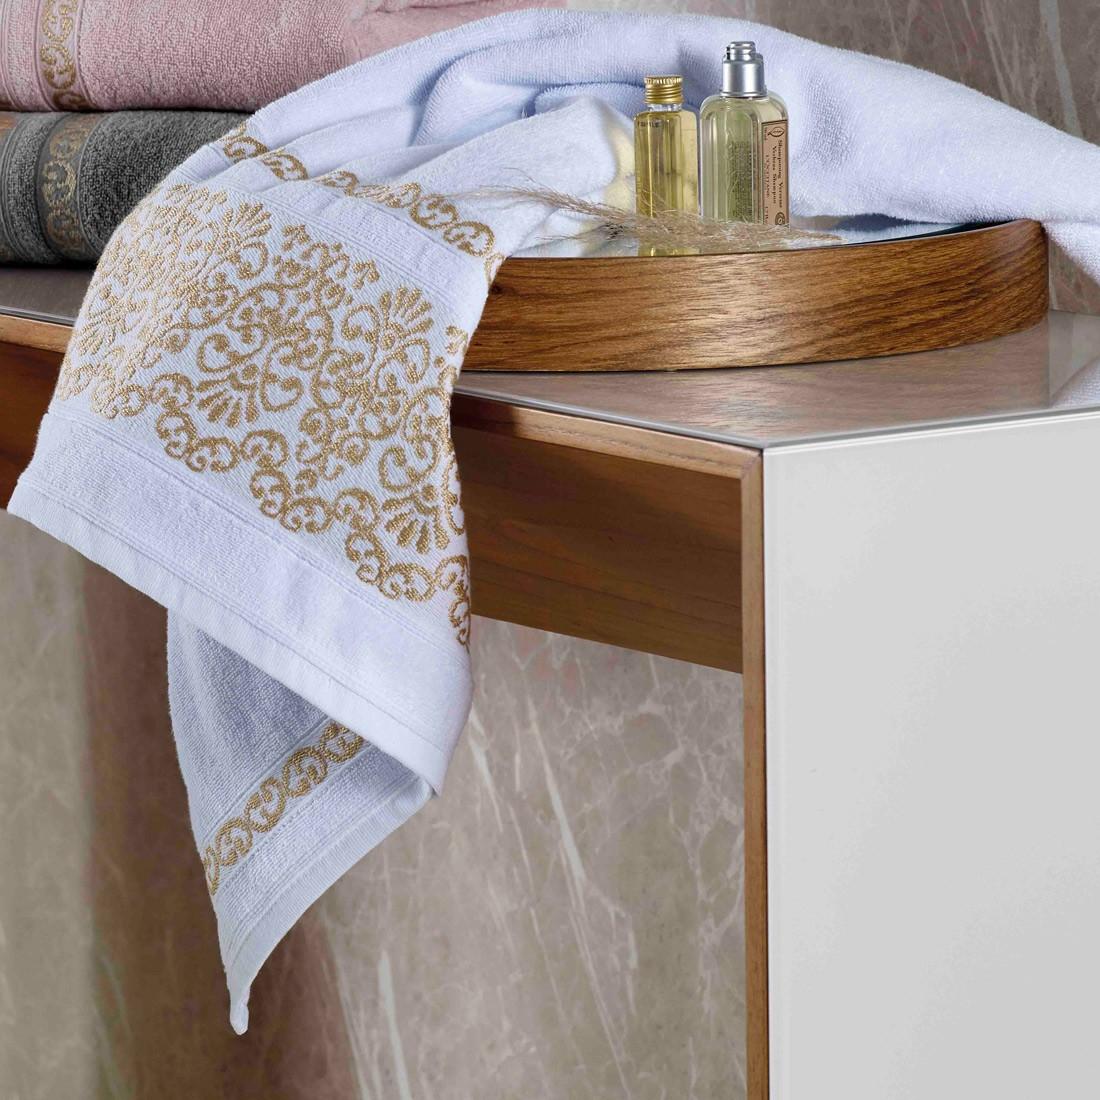 Jogo de Banho Esplendor Branco 470 g/m² 100% Algodão 05 Peças